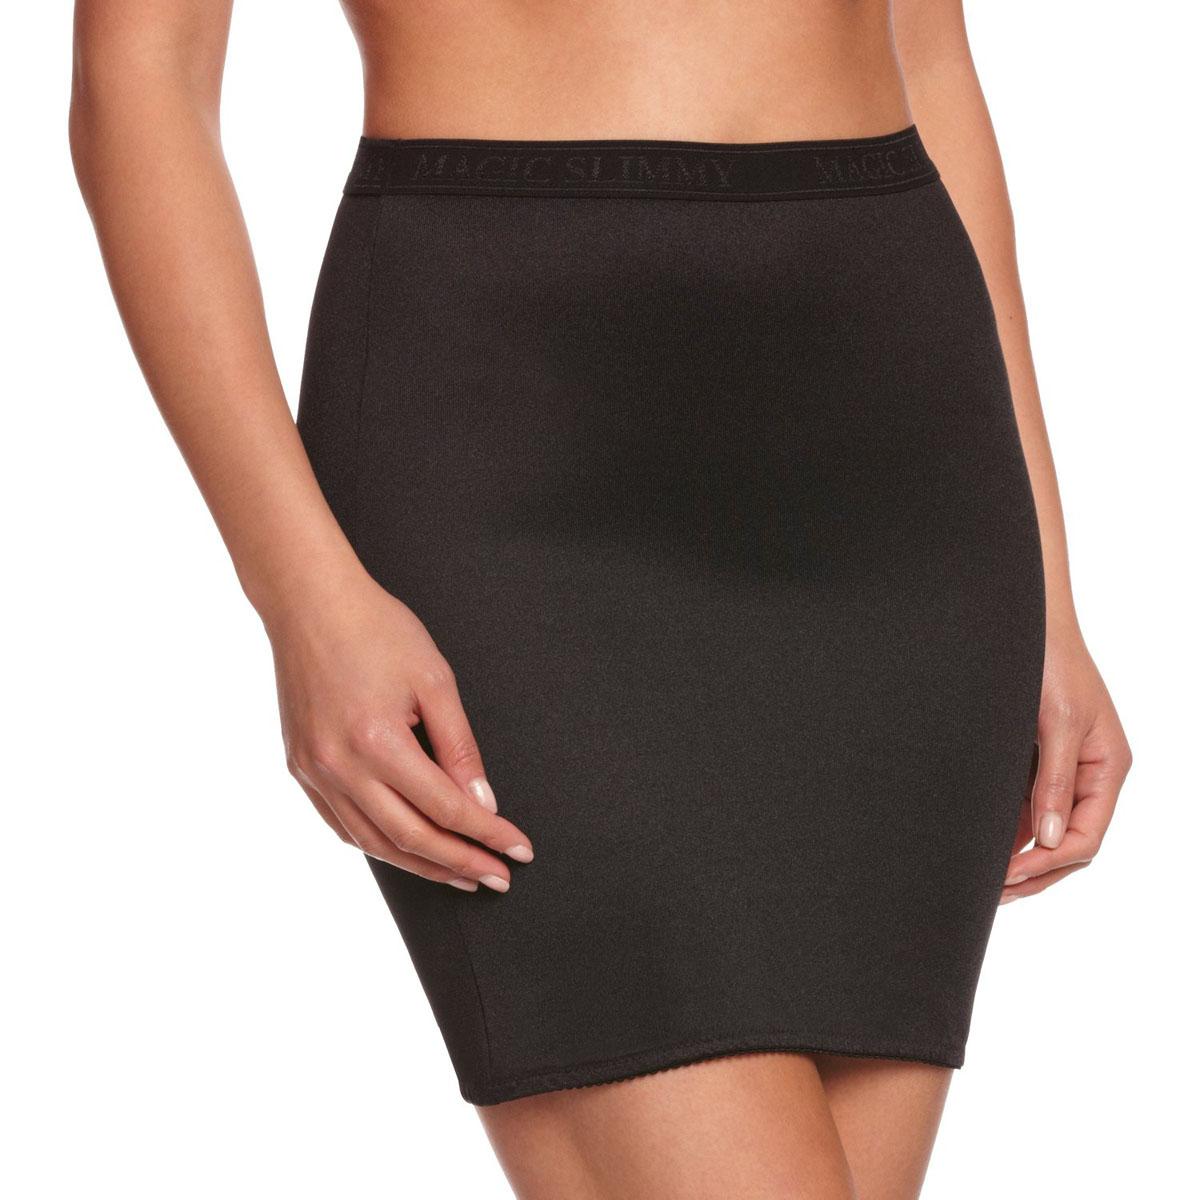 Корректирующее белье10WLКорректирующая юбка Magic BodyFashion Slimmy Skirt очень удобная и комфортная в носке, идеально подходит для коррекции нижней части тела. Юбка уменьшает в объеме бедра и сглаживает ягодицы. Эта модель имеет вставку-трусики, что делает ее очень практичной в носке. Крой юбки необычен, благодаря чему ее невозможно заметить под любой одеждой, она практически не ощущается на коже, позволяет чувствовать себя комфортно и легко. Изделие позволяет приобрести выразительные линии своего тела за считанные секунды (можно скрыть все лишнее). Белье Magic BodyFashion создано для тех, кто стремится к безупречности своего стиля. Именно благодаря ему огромное количество женщин чувствуют себя поистине соблазнительными, привлекательными и не на шутку уверенными в себе.